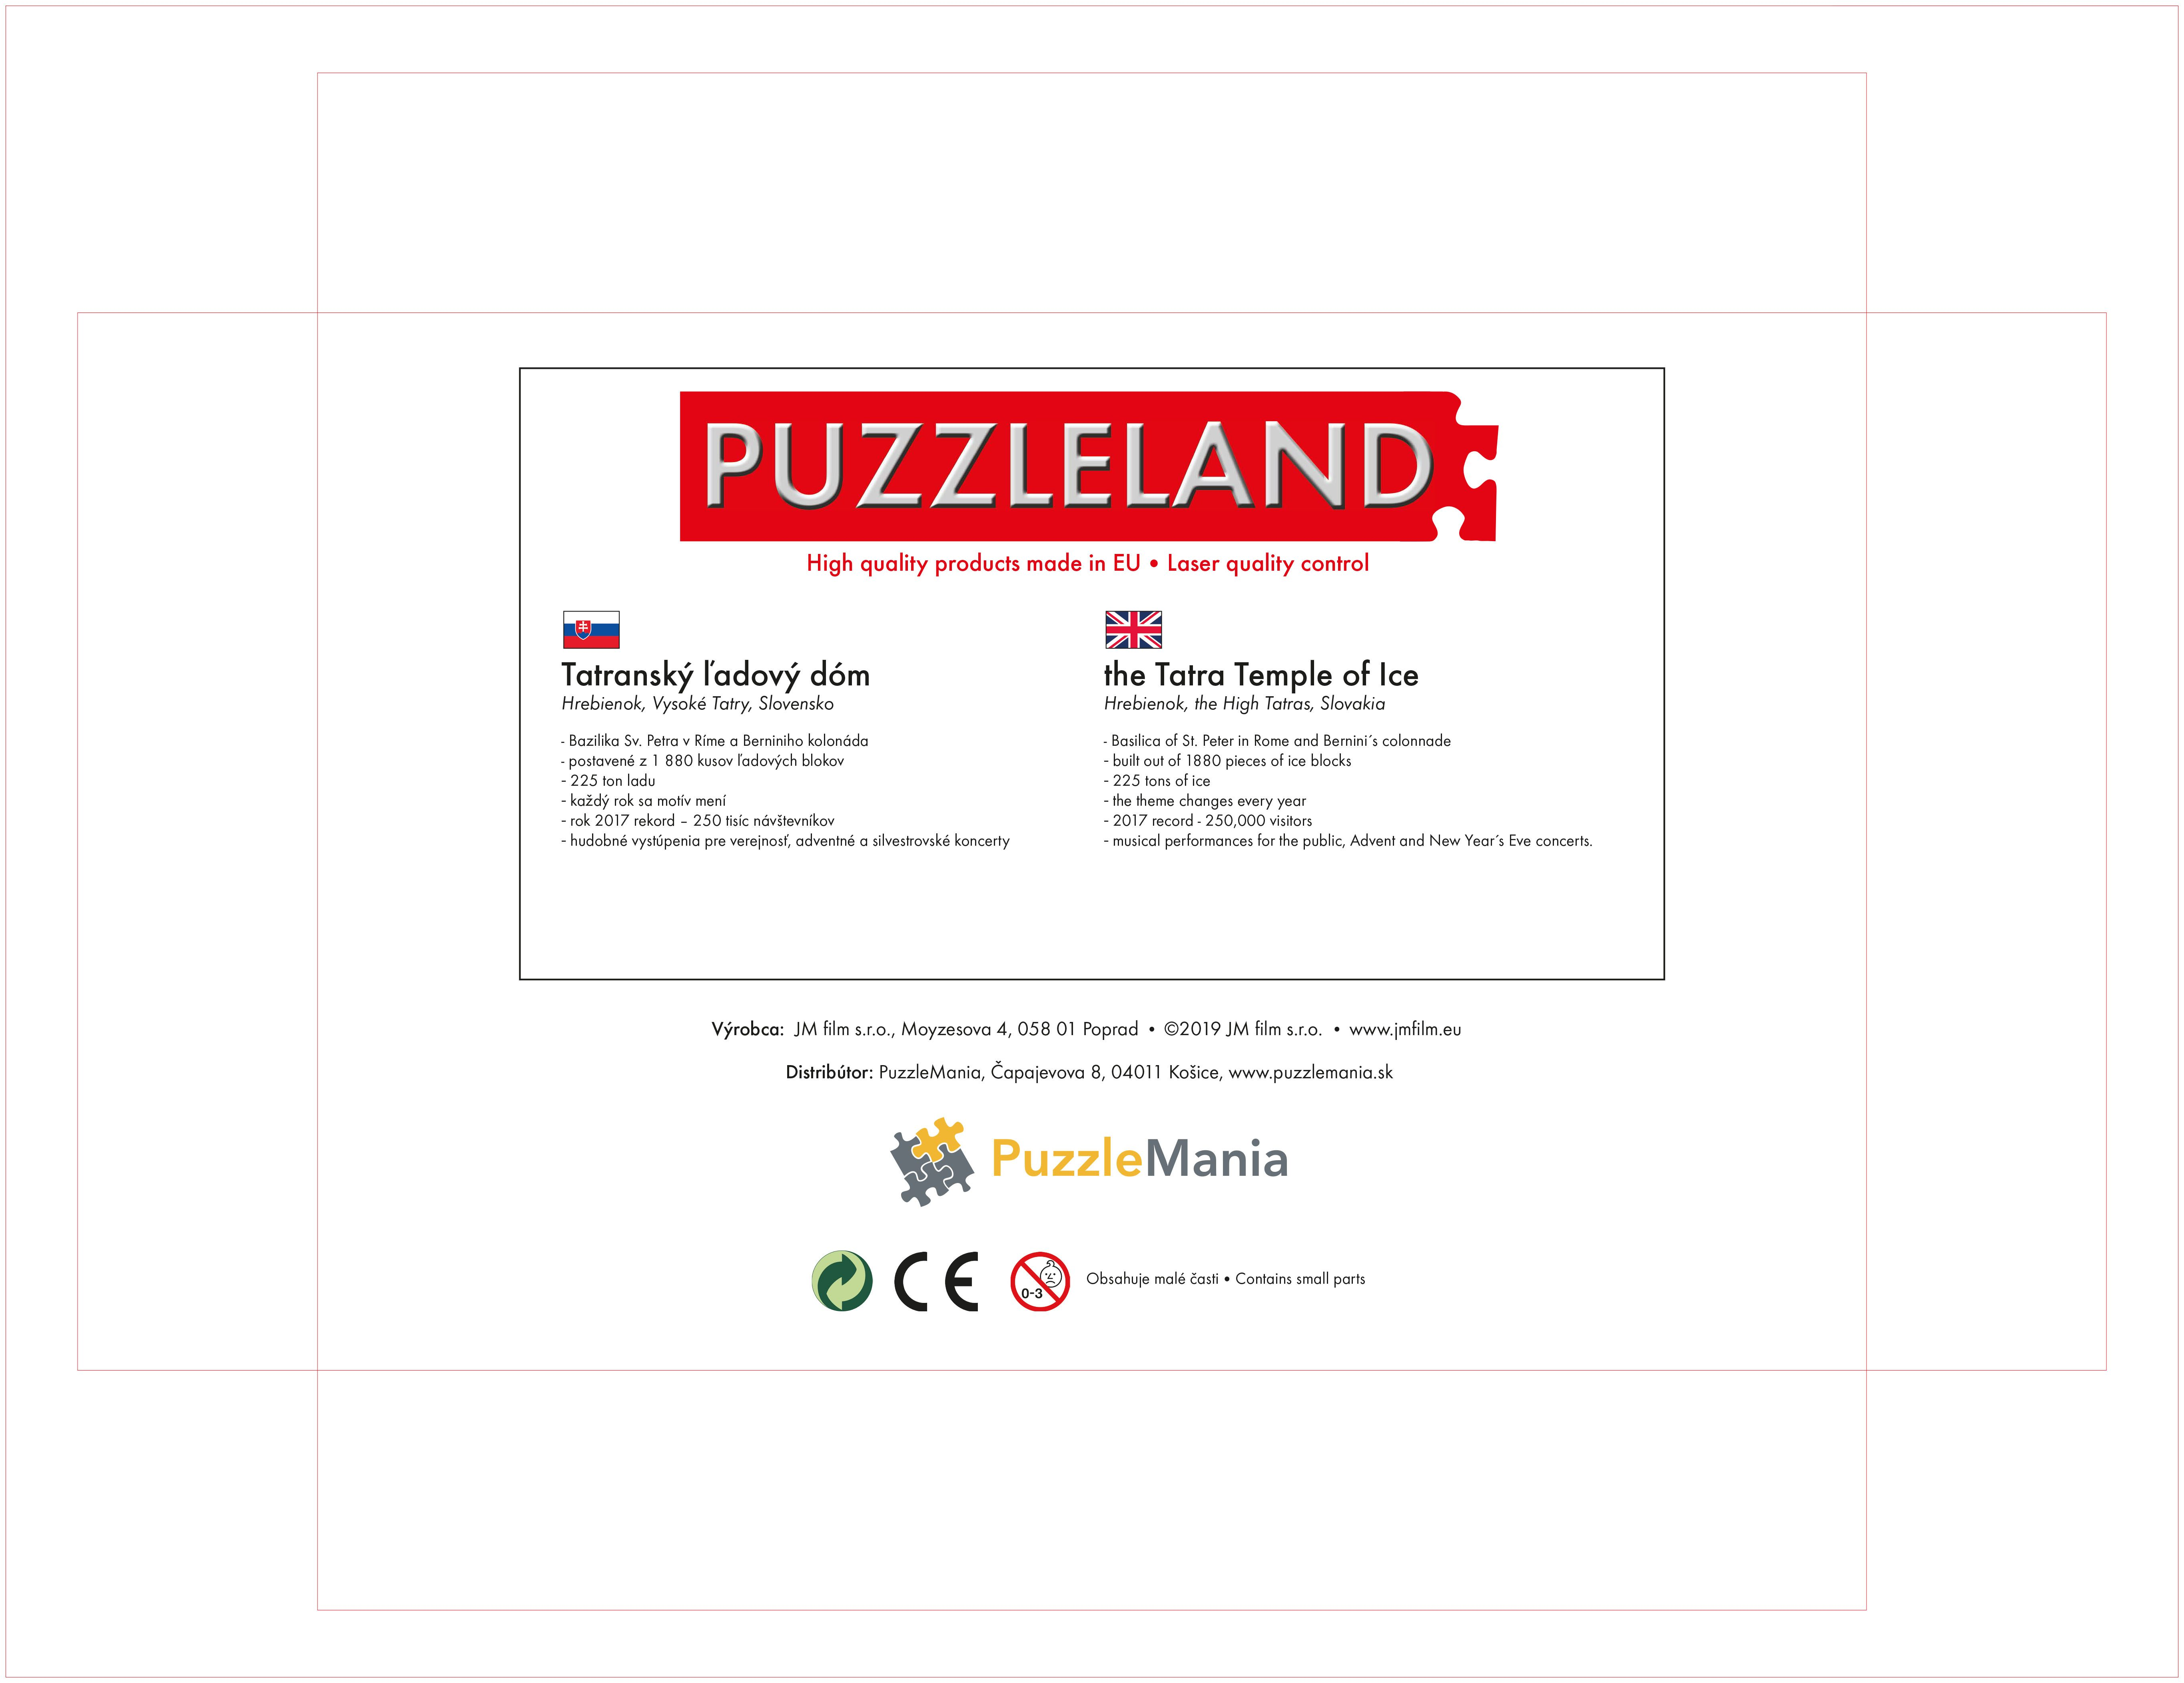 Puzzle Tatra-Haube, Hrebienok Slowakei image 3